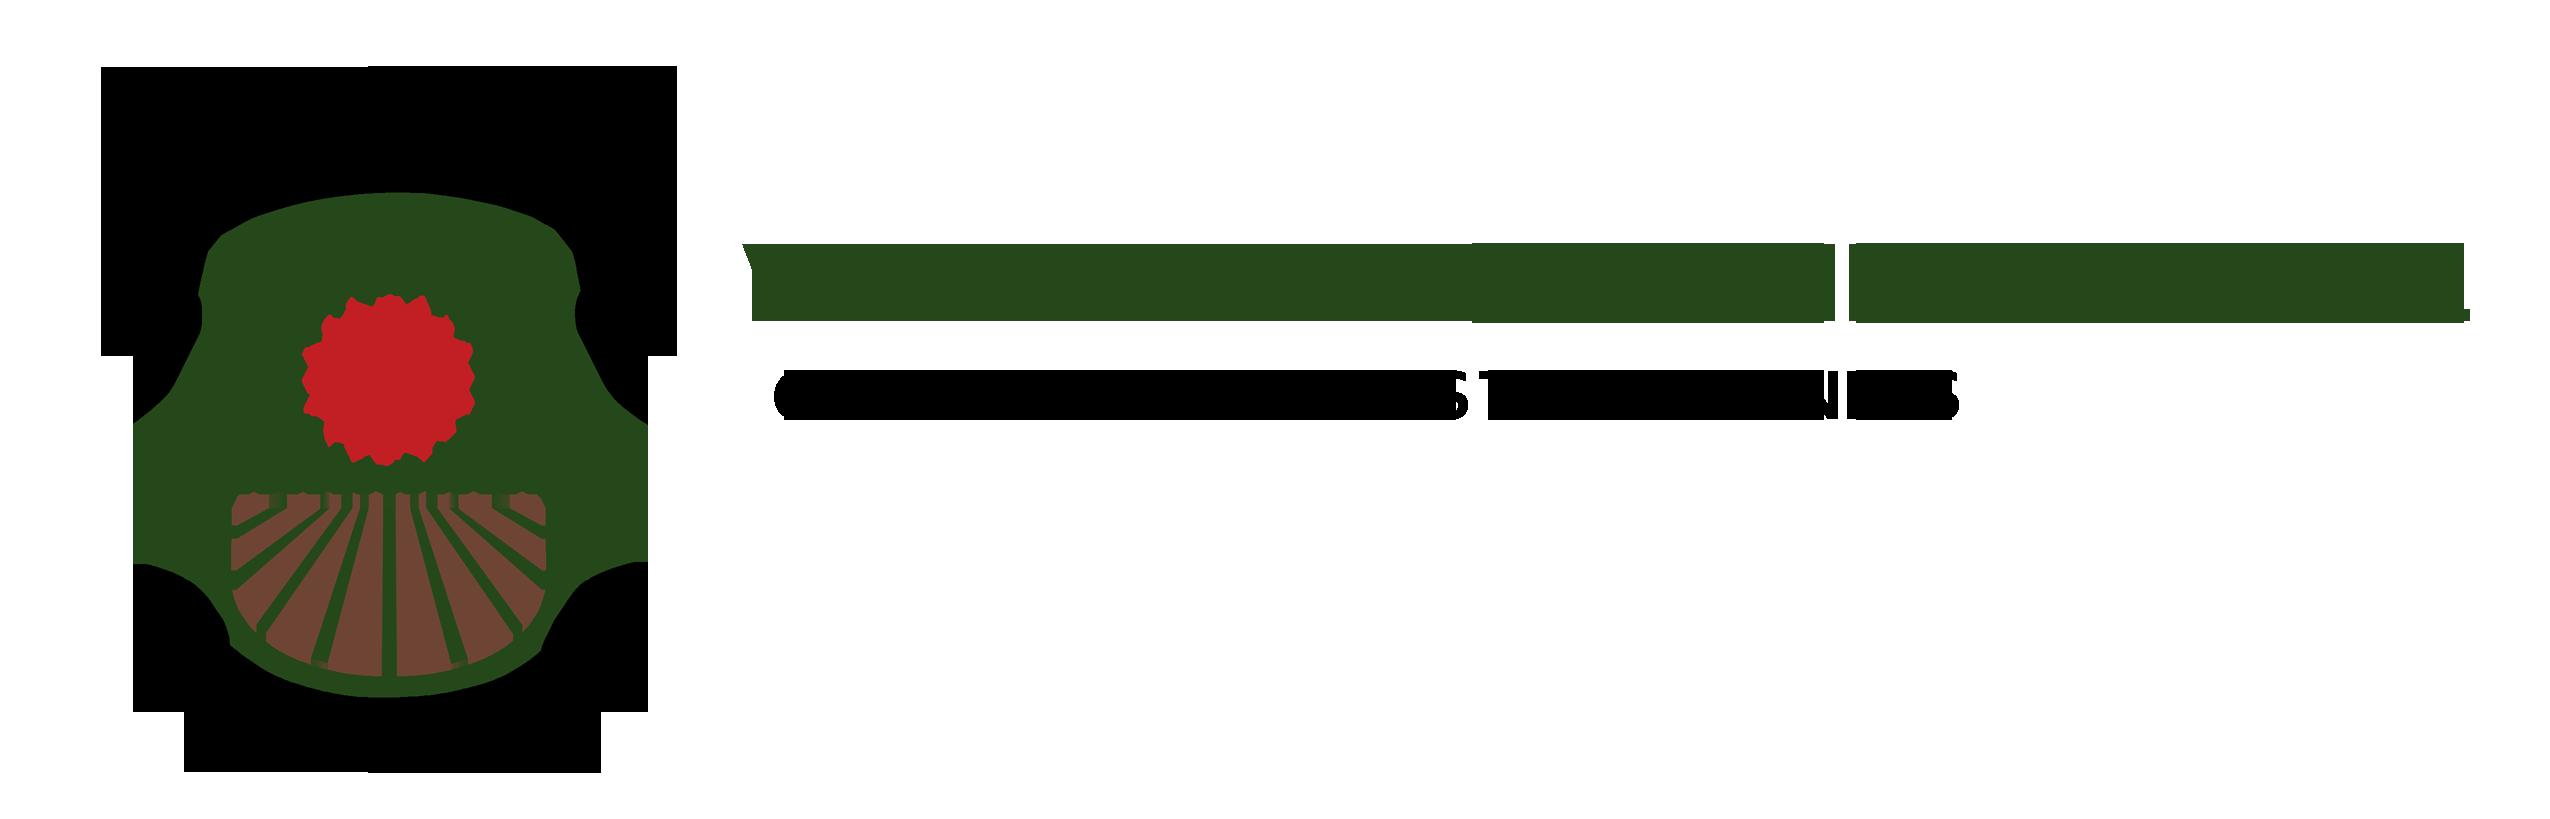 Vryheid Landbou High School